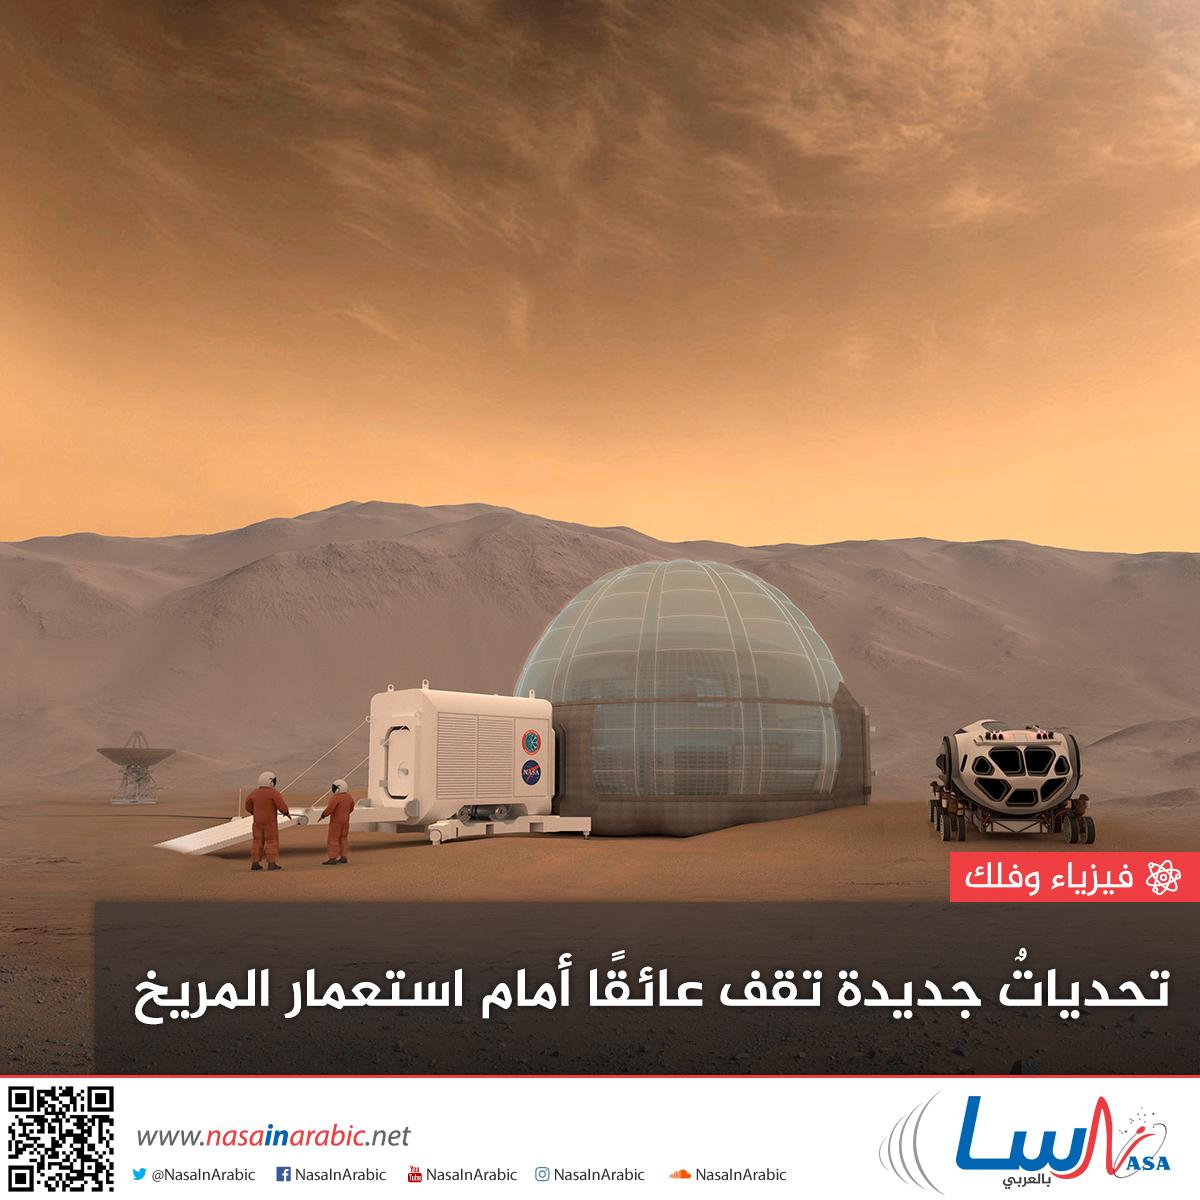 تحديات جديدة تقف عائقًا أمام استعمار المريخ